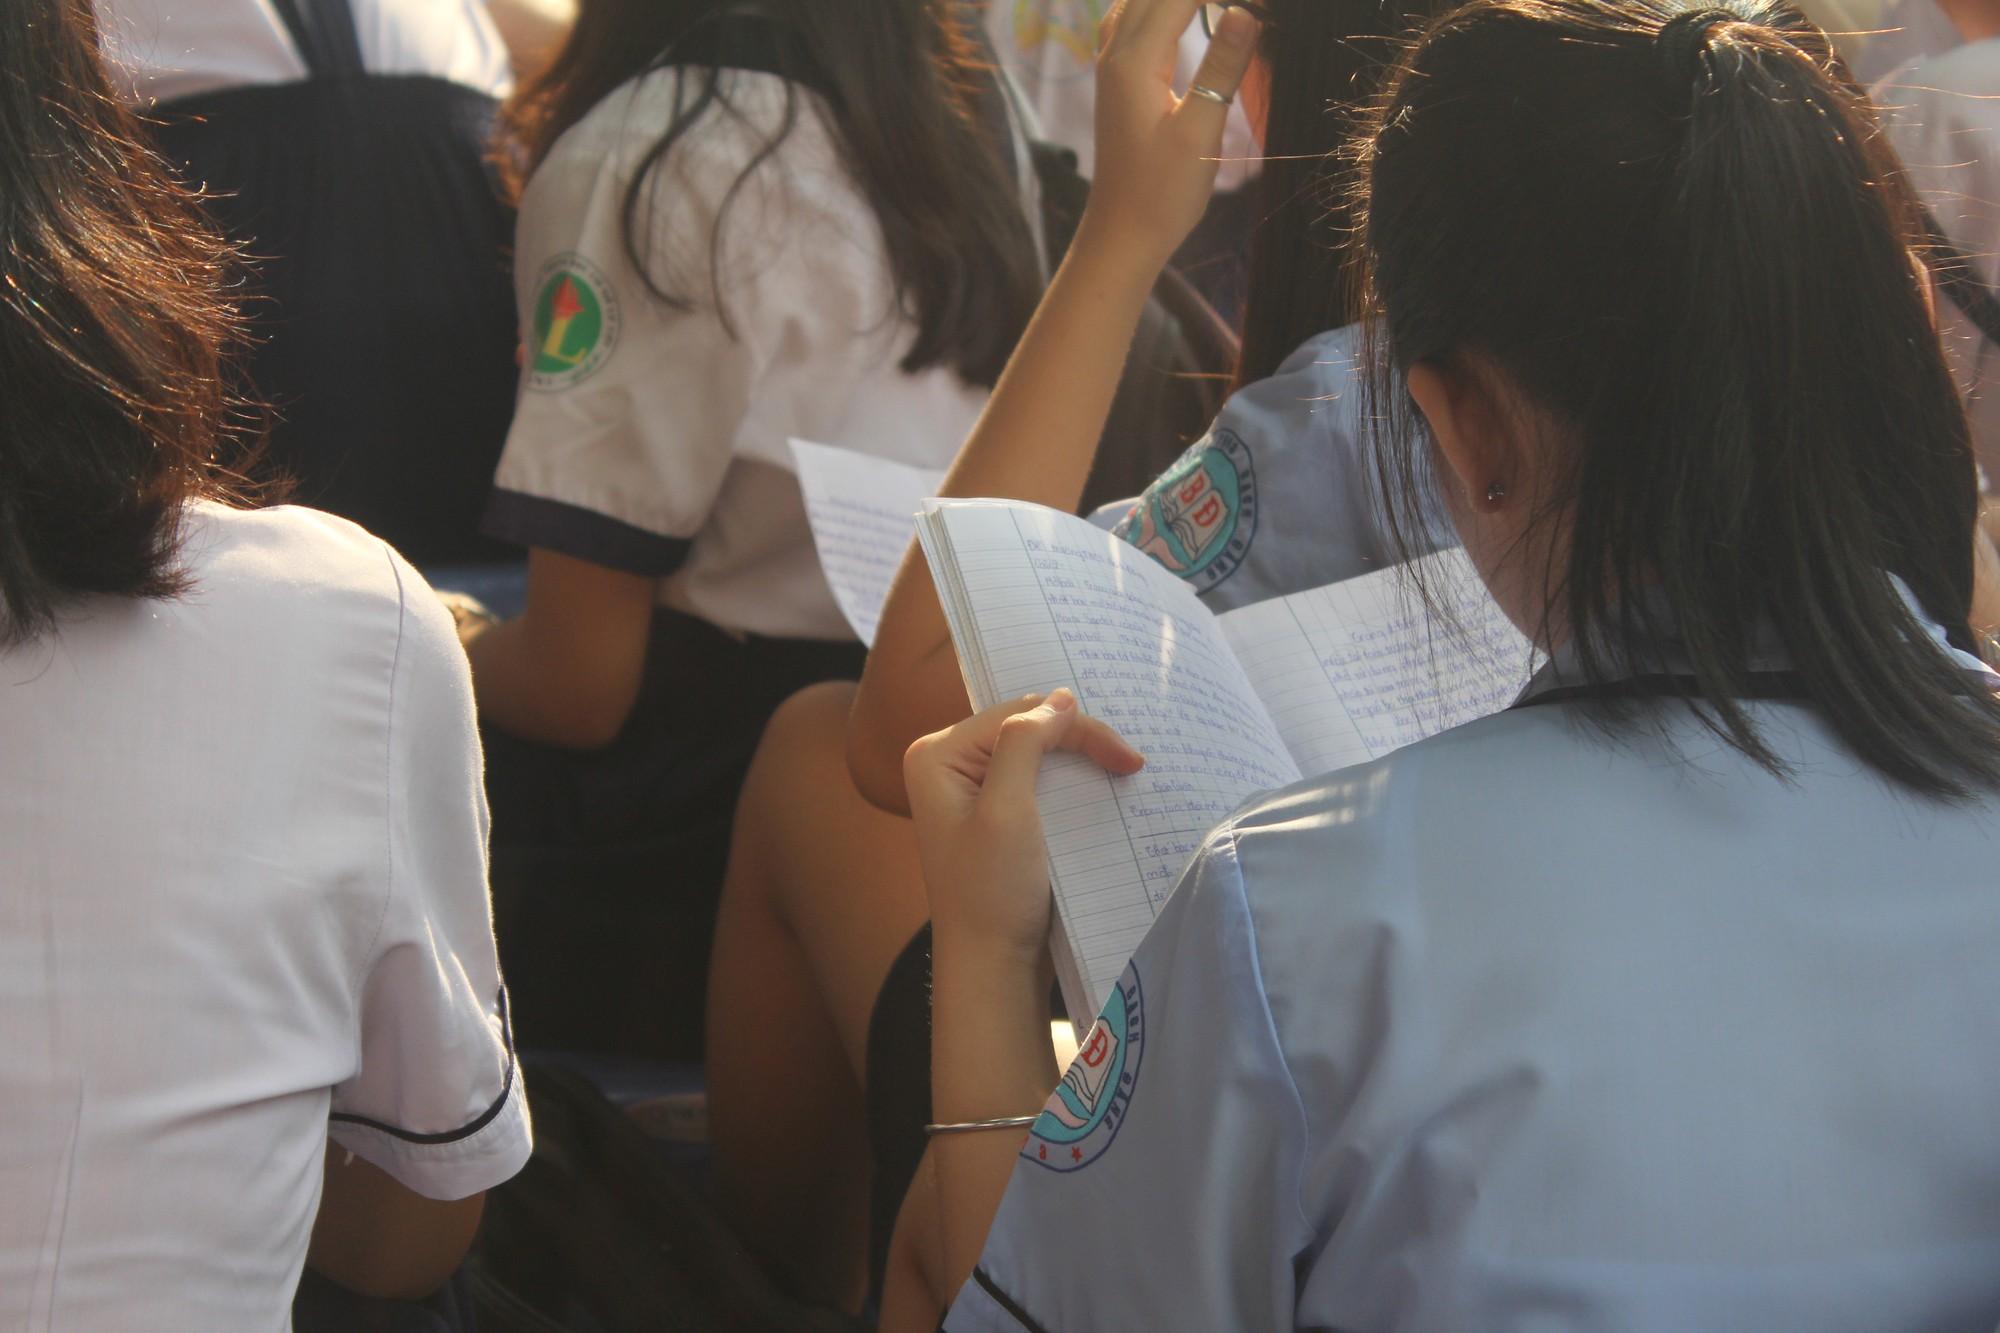 TP HCM: Thí sinh lo lắng đề môn Ngữ văn dễ, điểm chuẩn vào lớp 10 tăng cao - Ảnh 3.